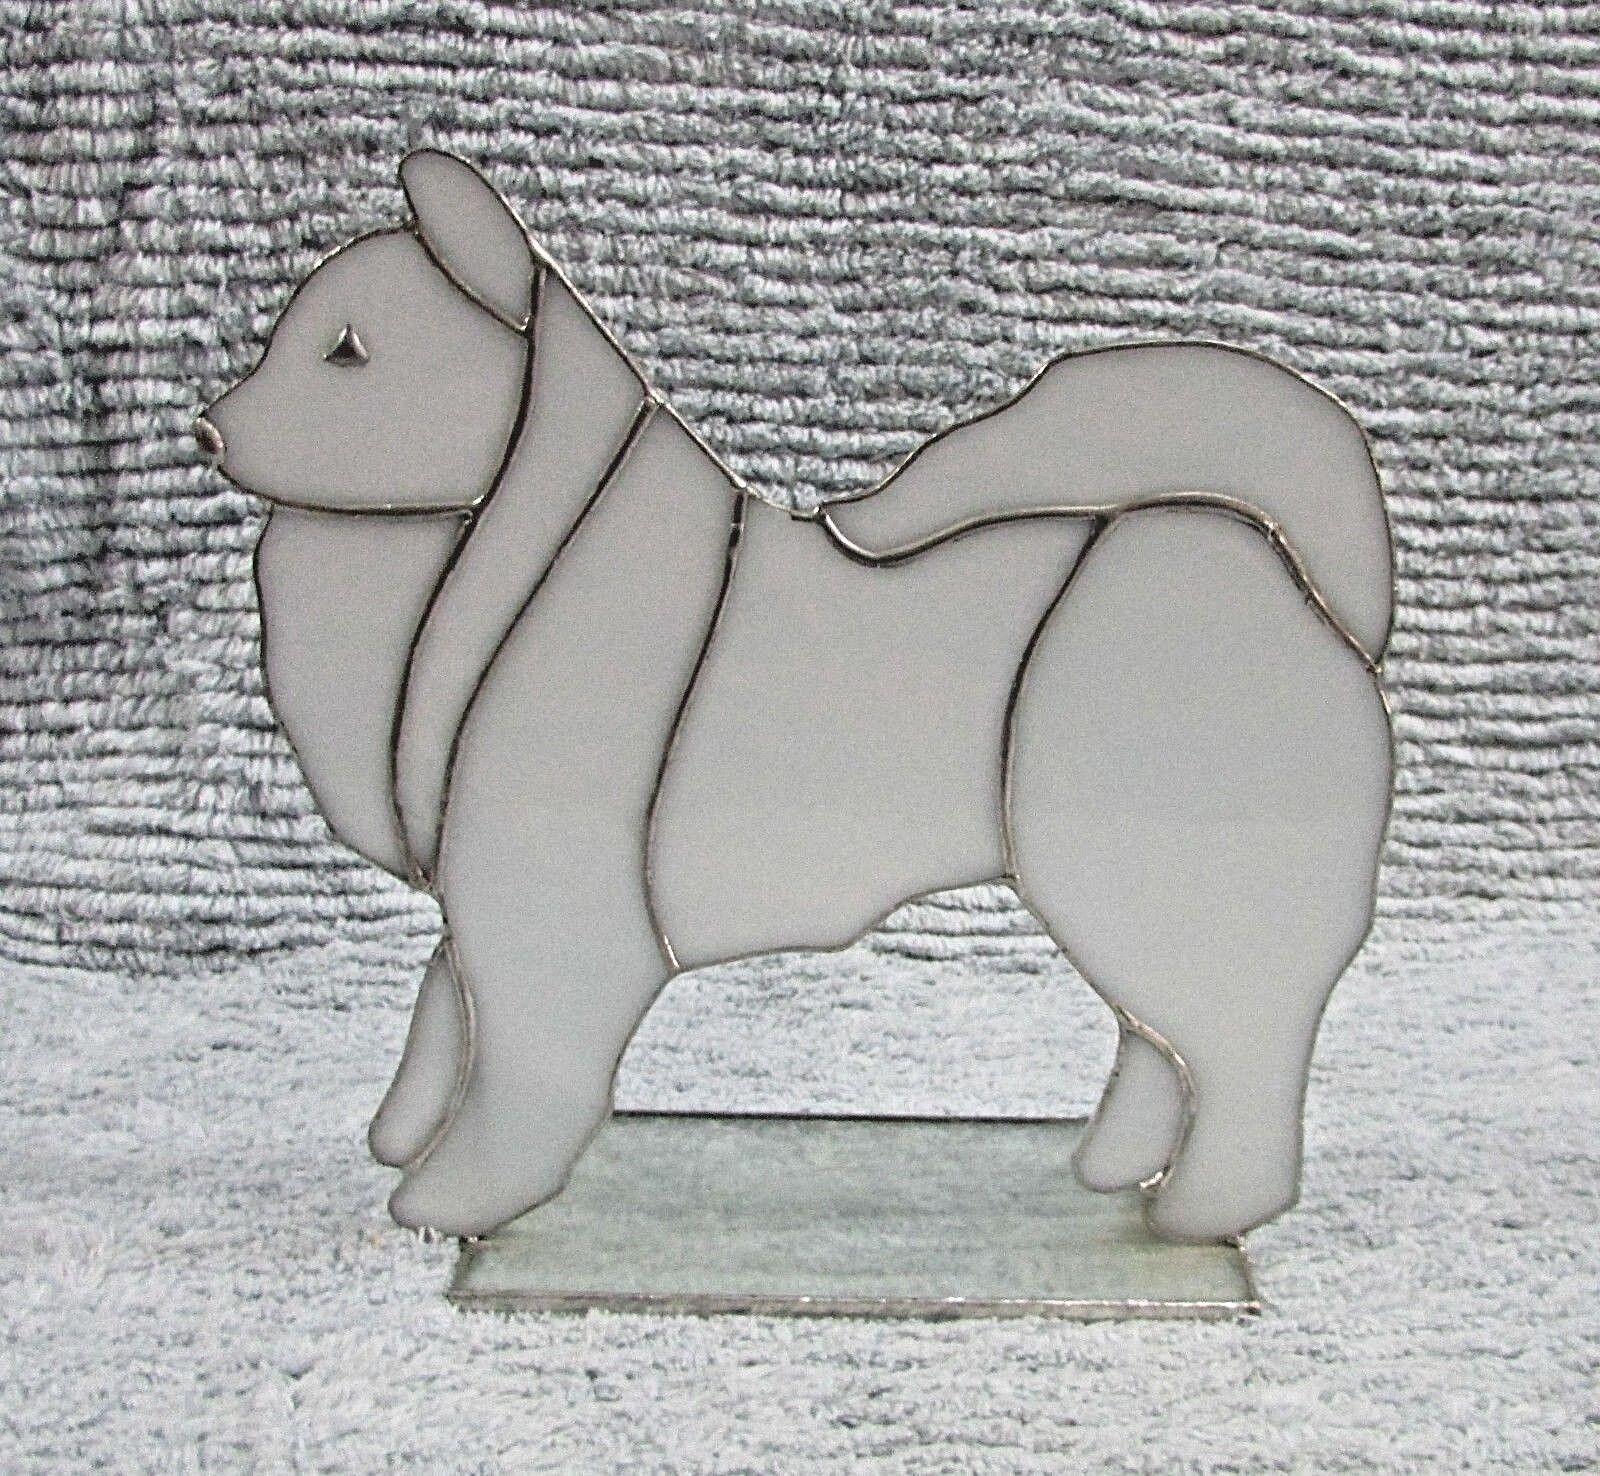 Art Mosaic Tiffany Style White Slag Acrylic Malamute Dog Window Light FREE S/H